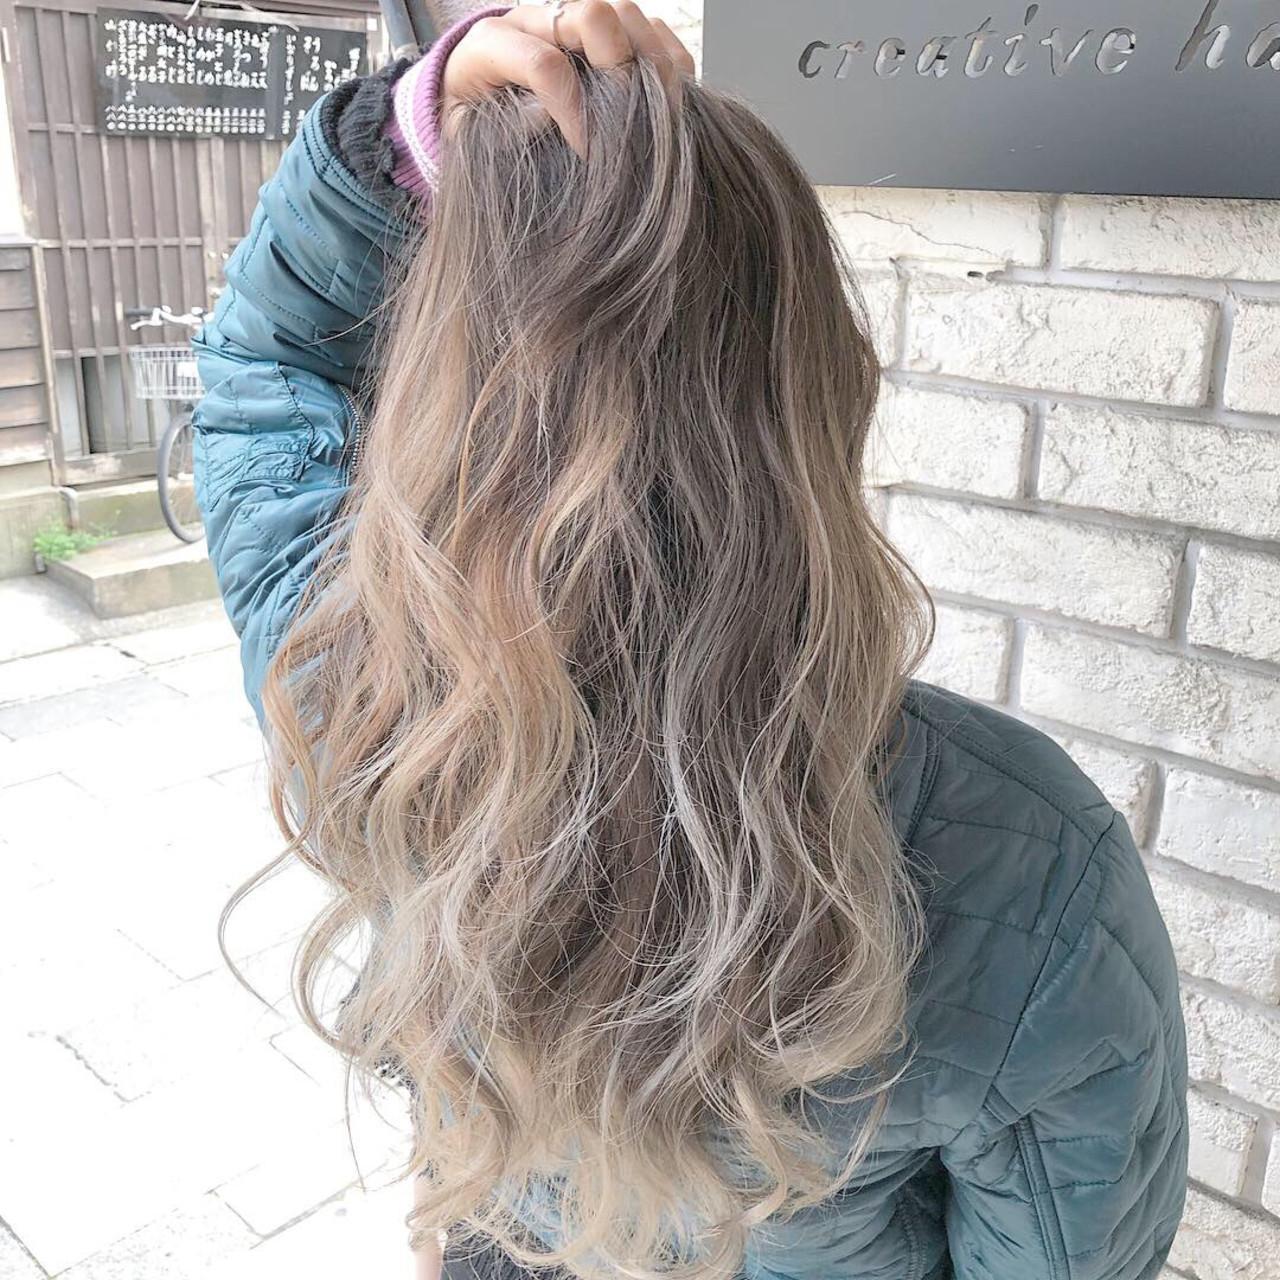 グラデーション ブリーチ エレガント ロング ヘアスタイルや髪型の写真・画像 | ヤマグチ ヒカル / Vida creative hair salon